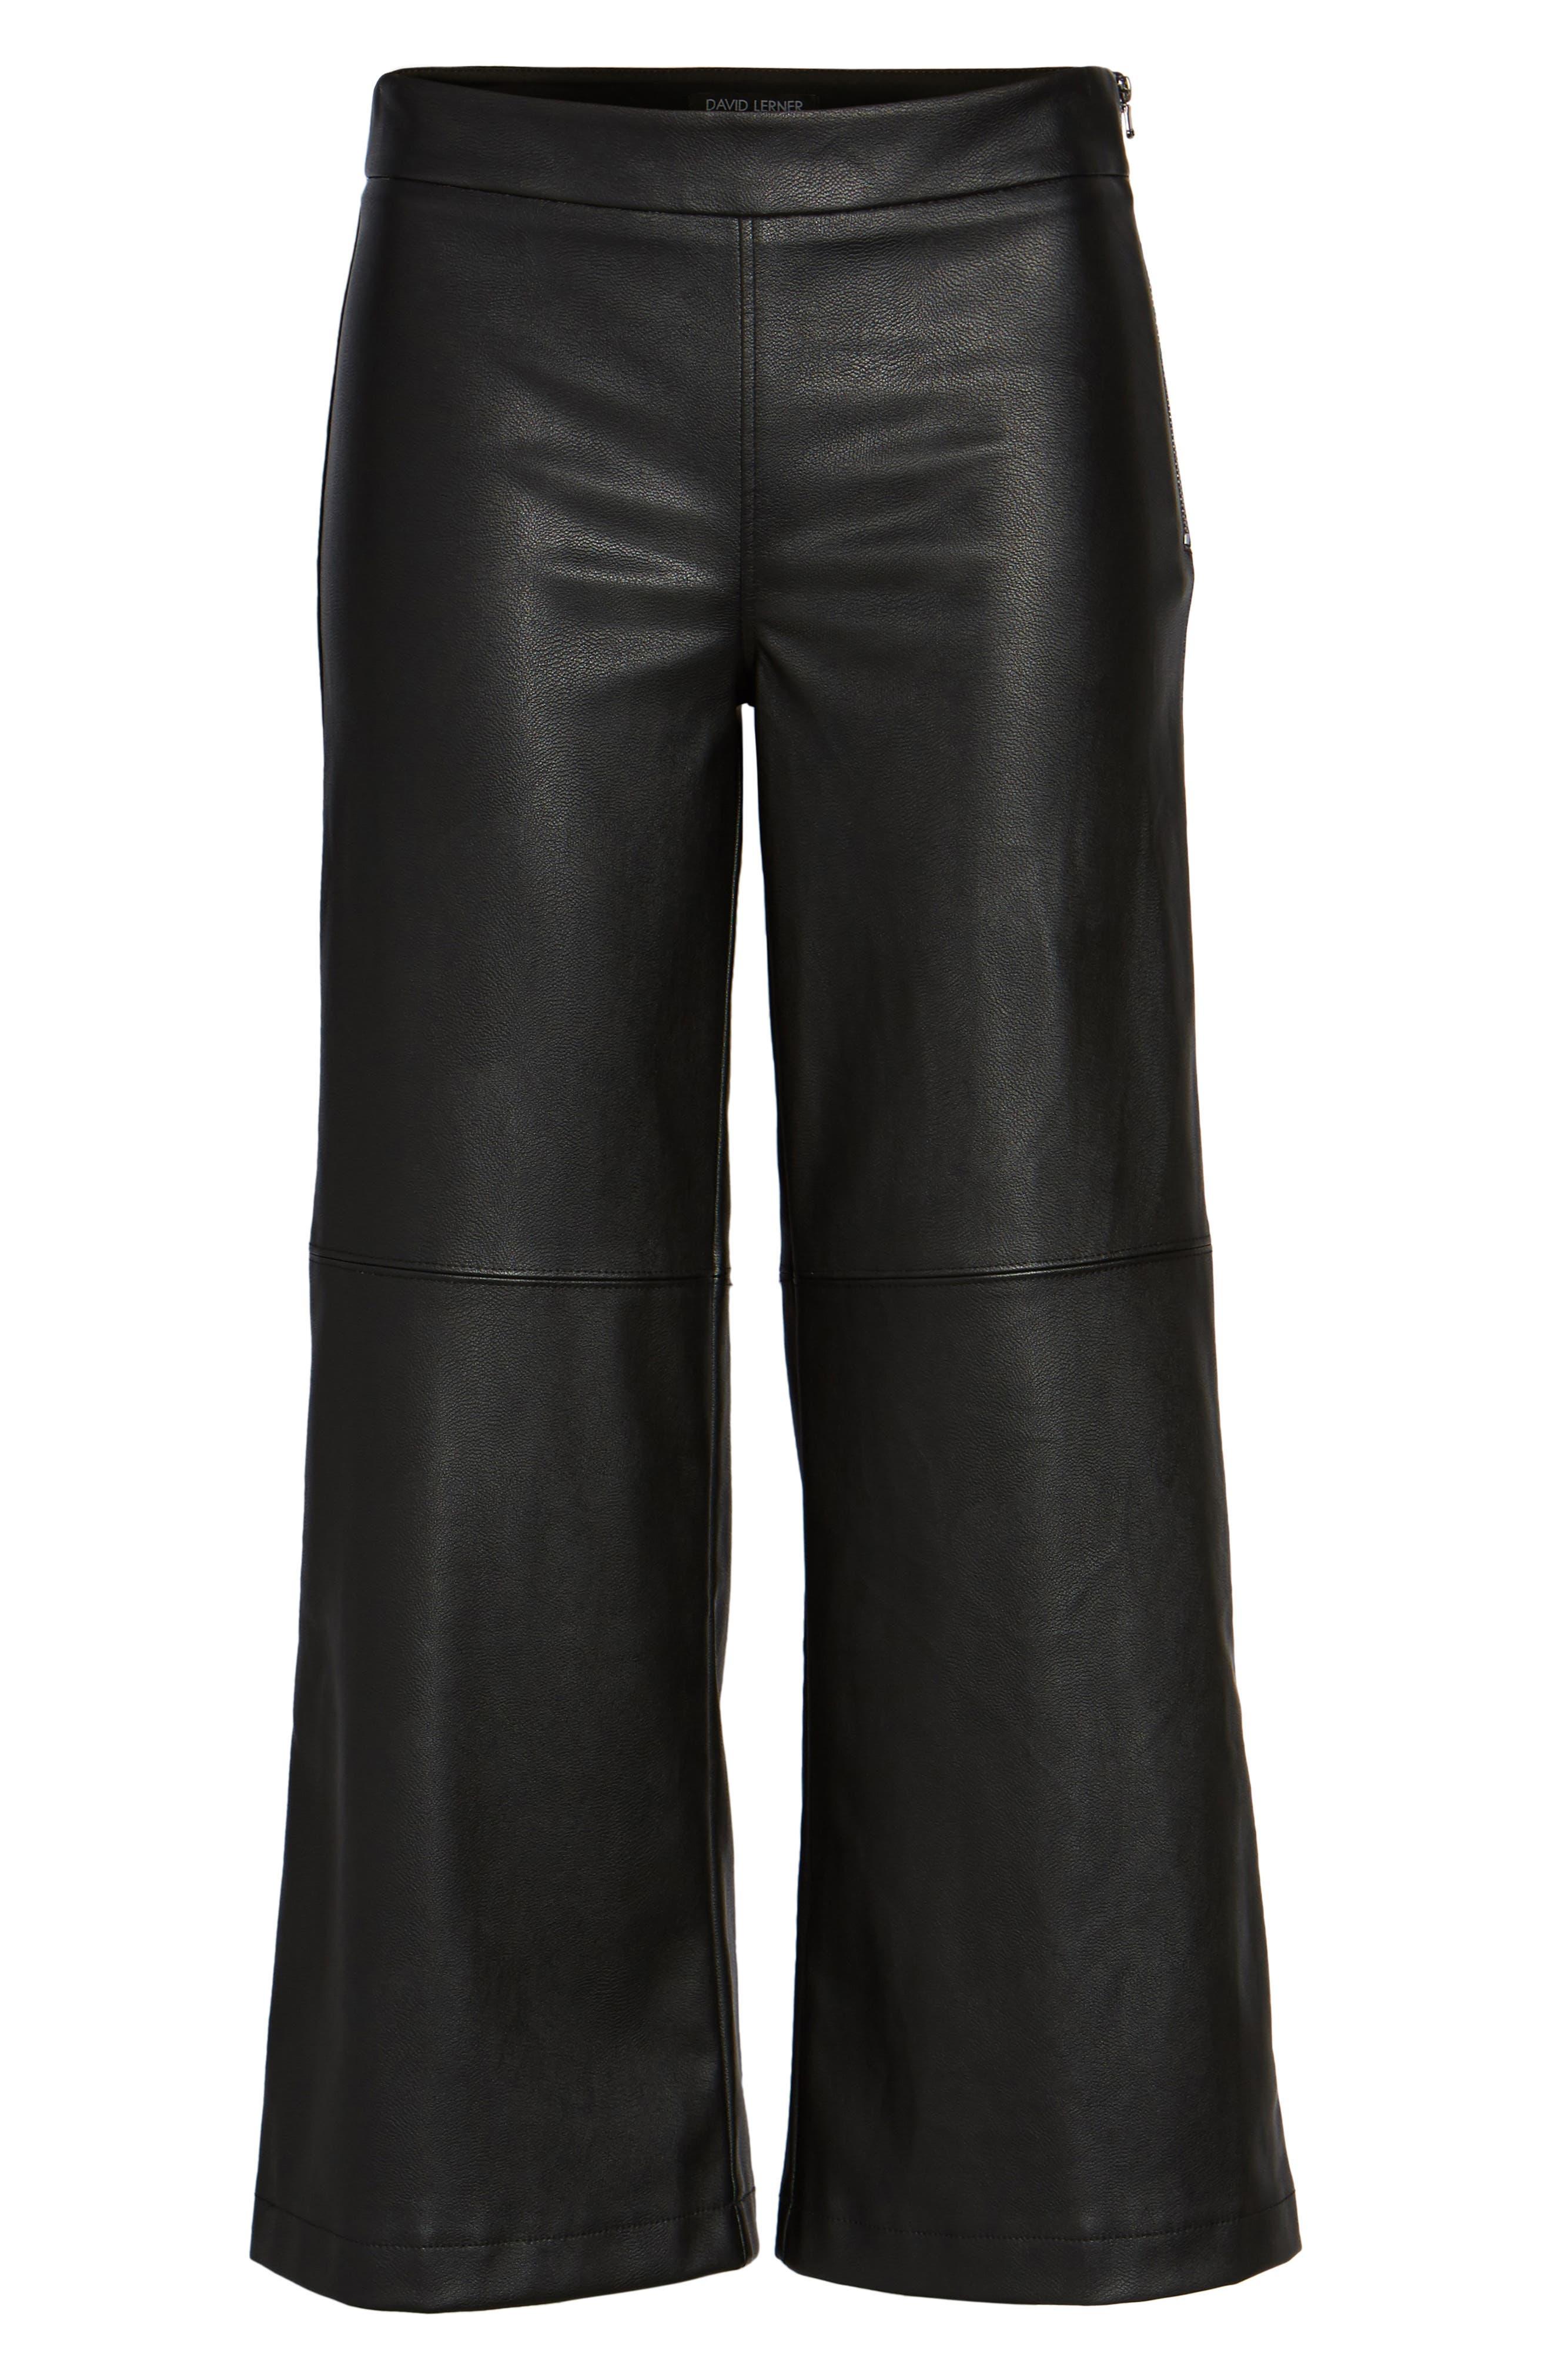 Varick Wide Leg Faux Leather Culottes,                             Alternate thumbnail 6, color,